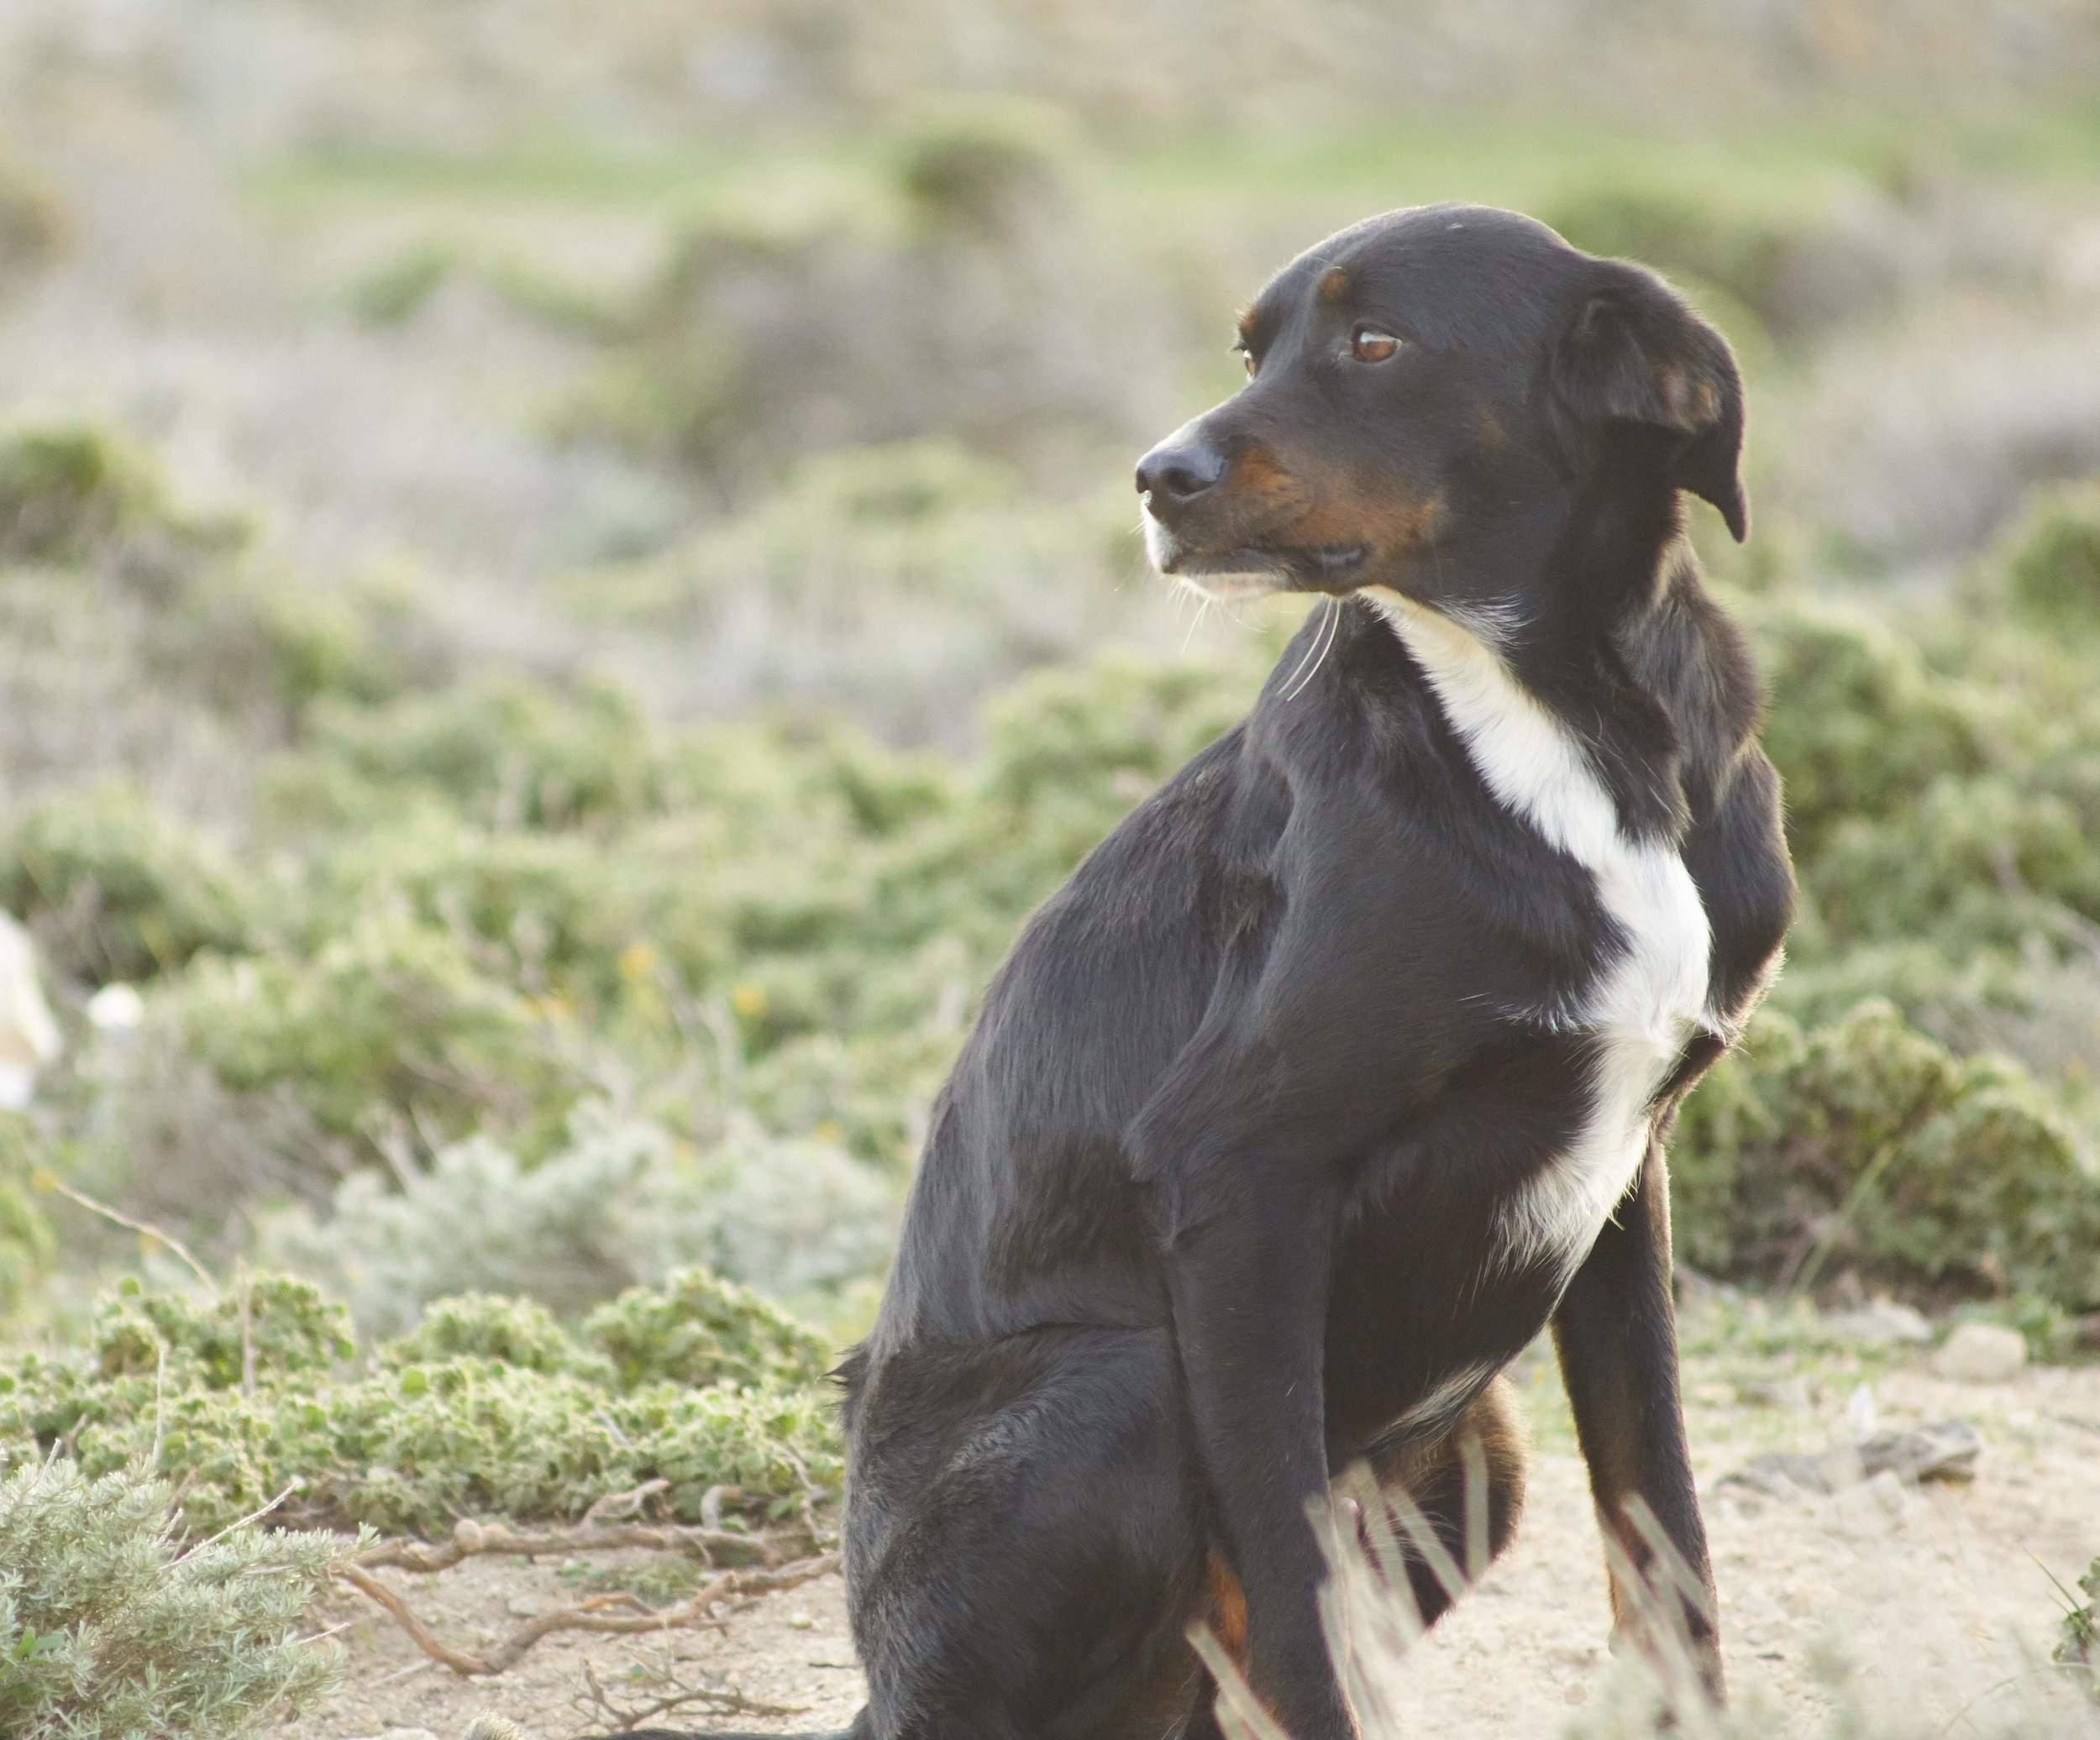 Nikitas mix | Mykonos dog rescue and adoption